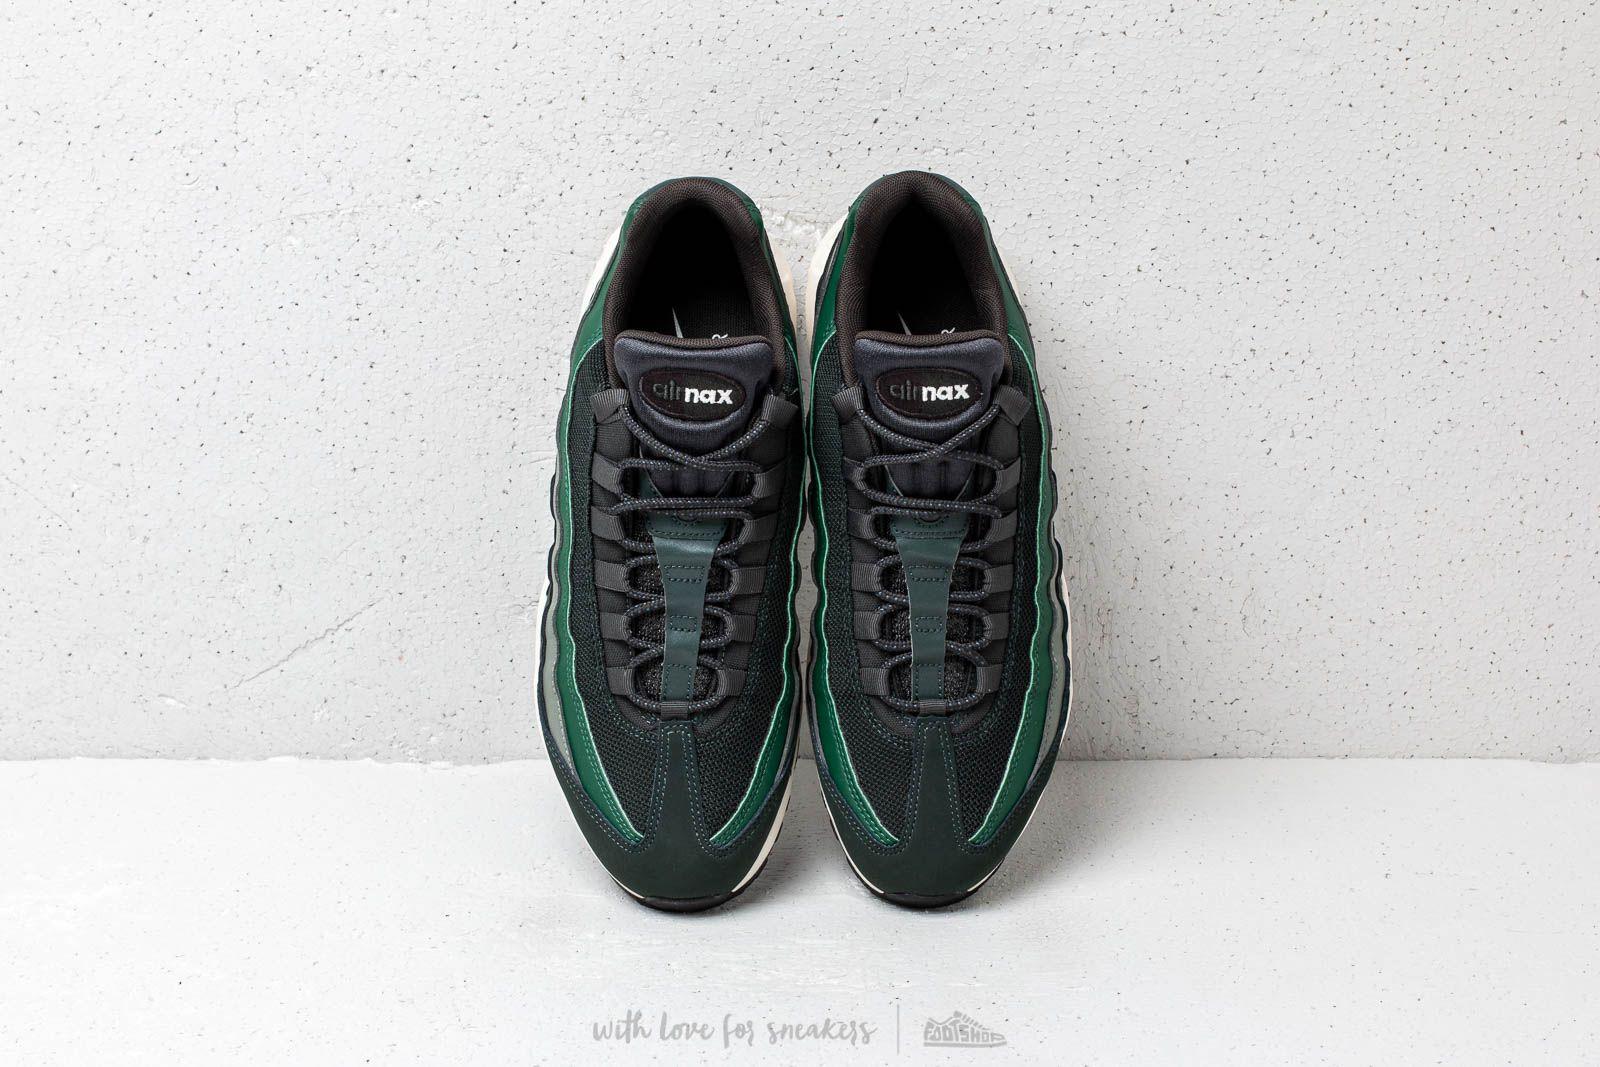 Nike Air Max 95 Essential Outdoor Green Sail Fir Vintage Lichen | 749766304